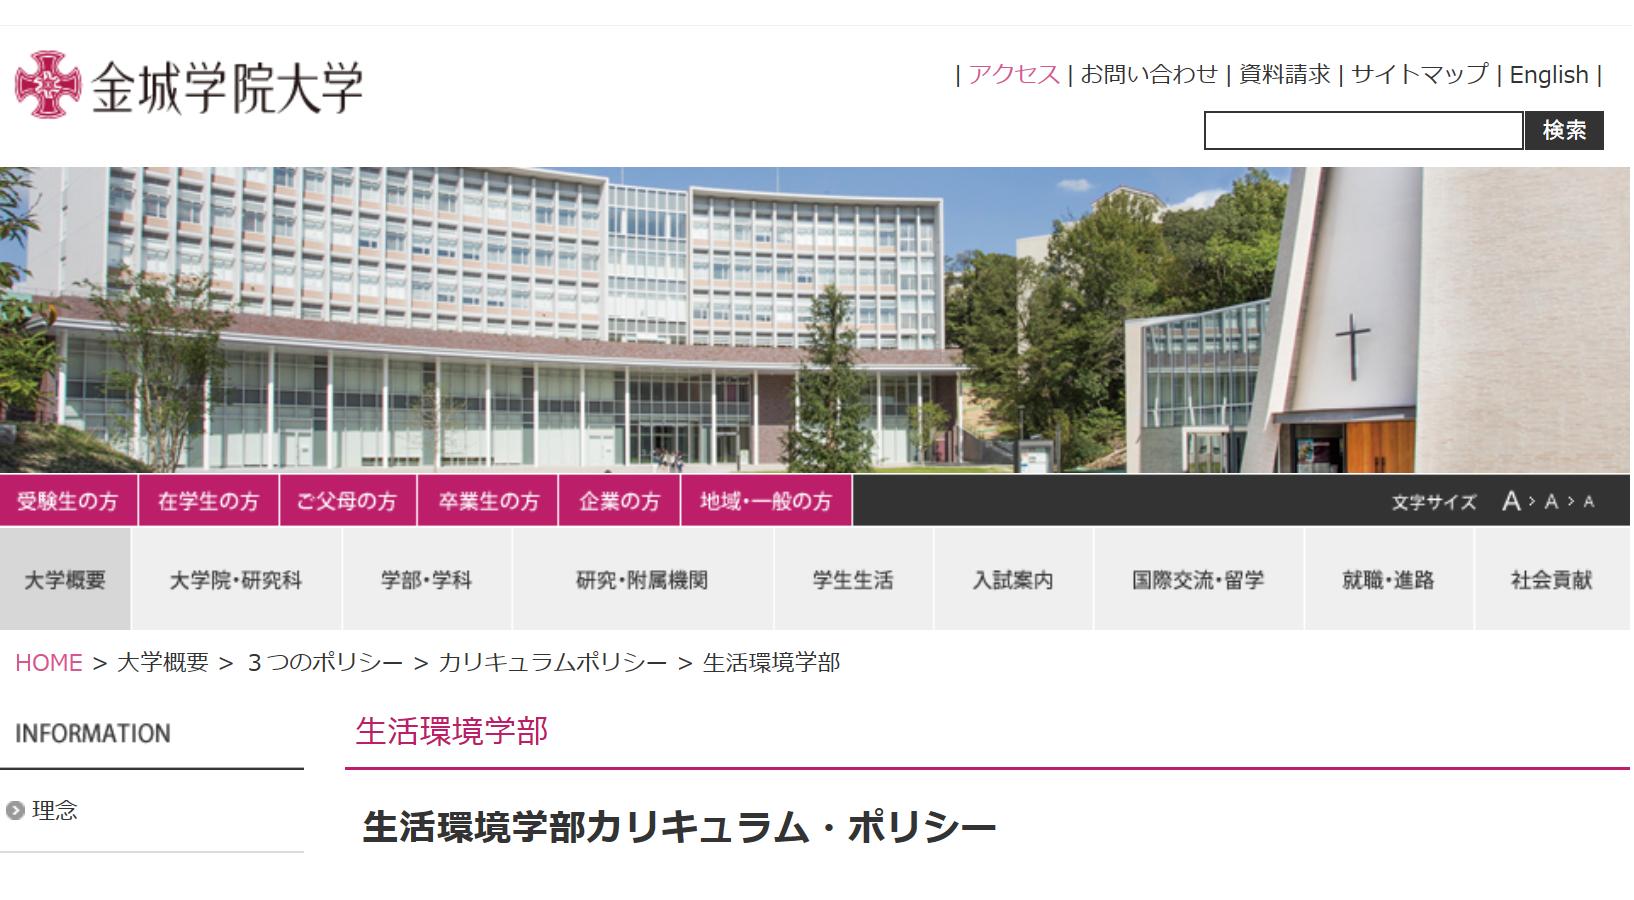 金城学院大学の評判・口コミ【生活環境学部編】